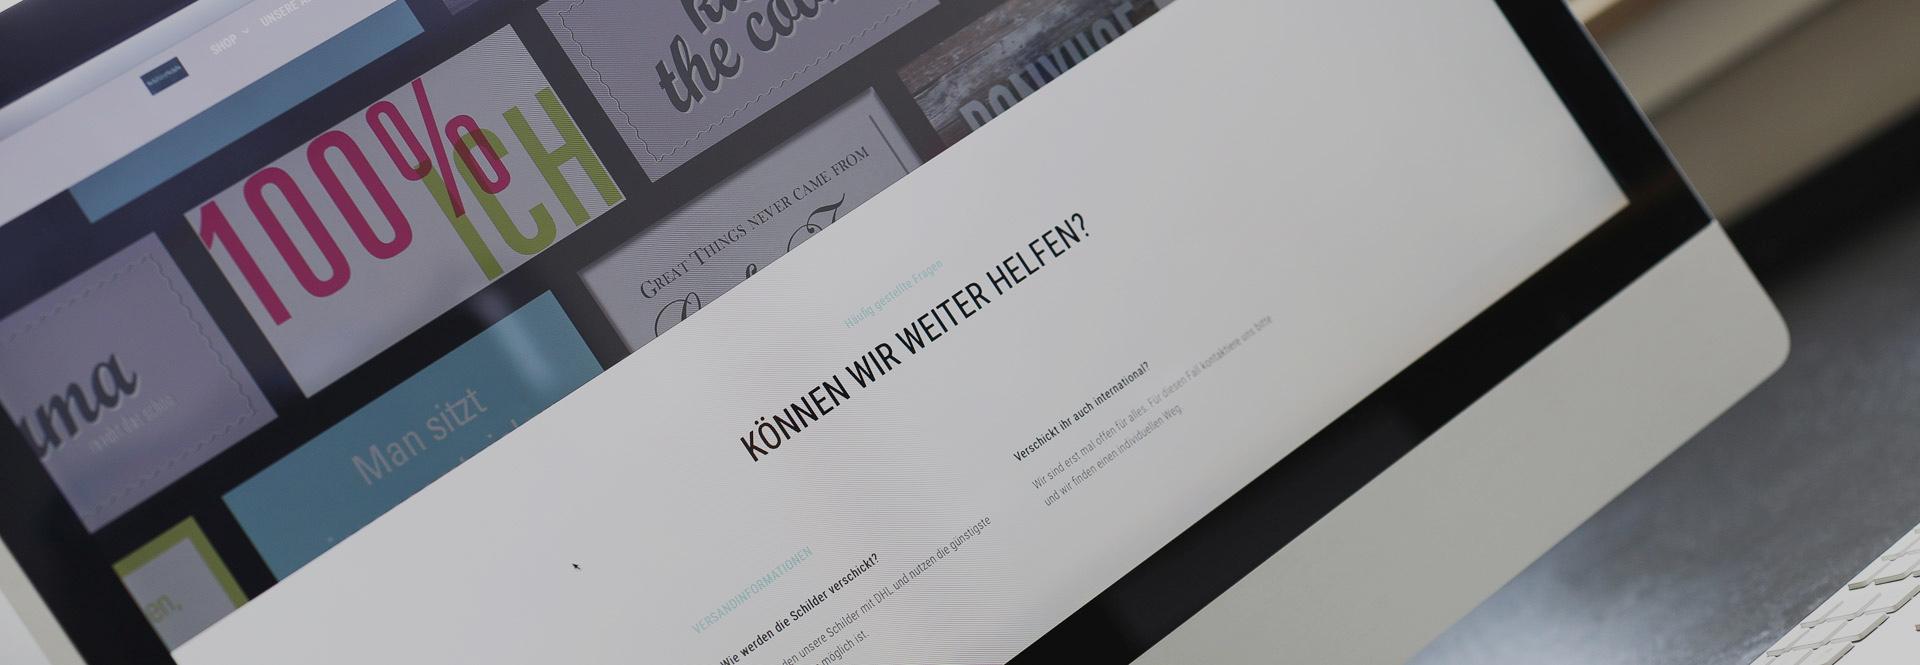 Webseiten von X & Y